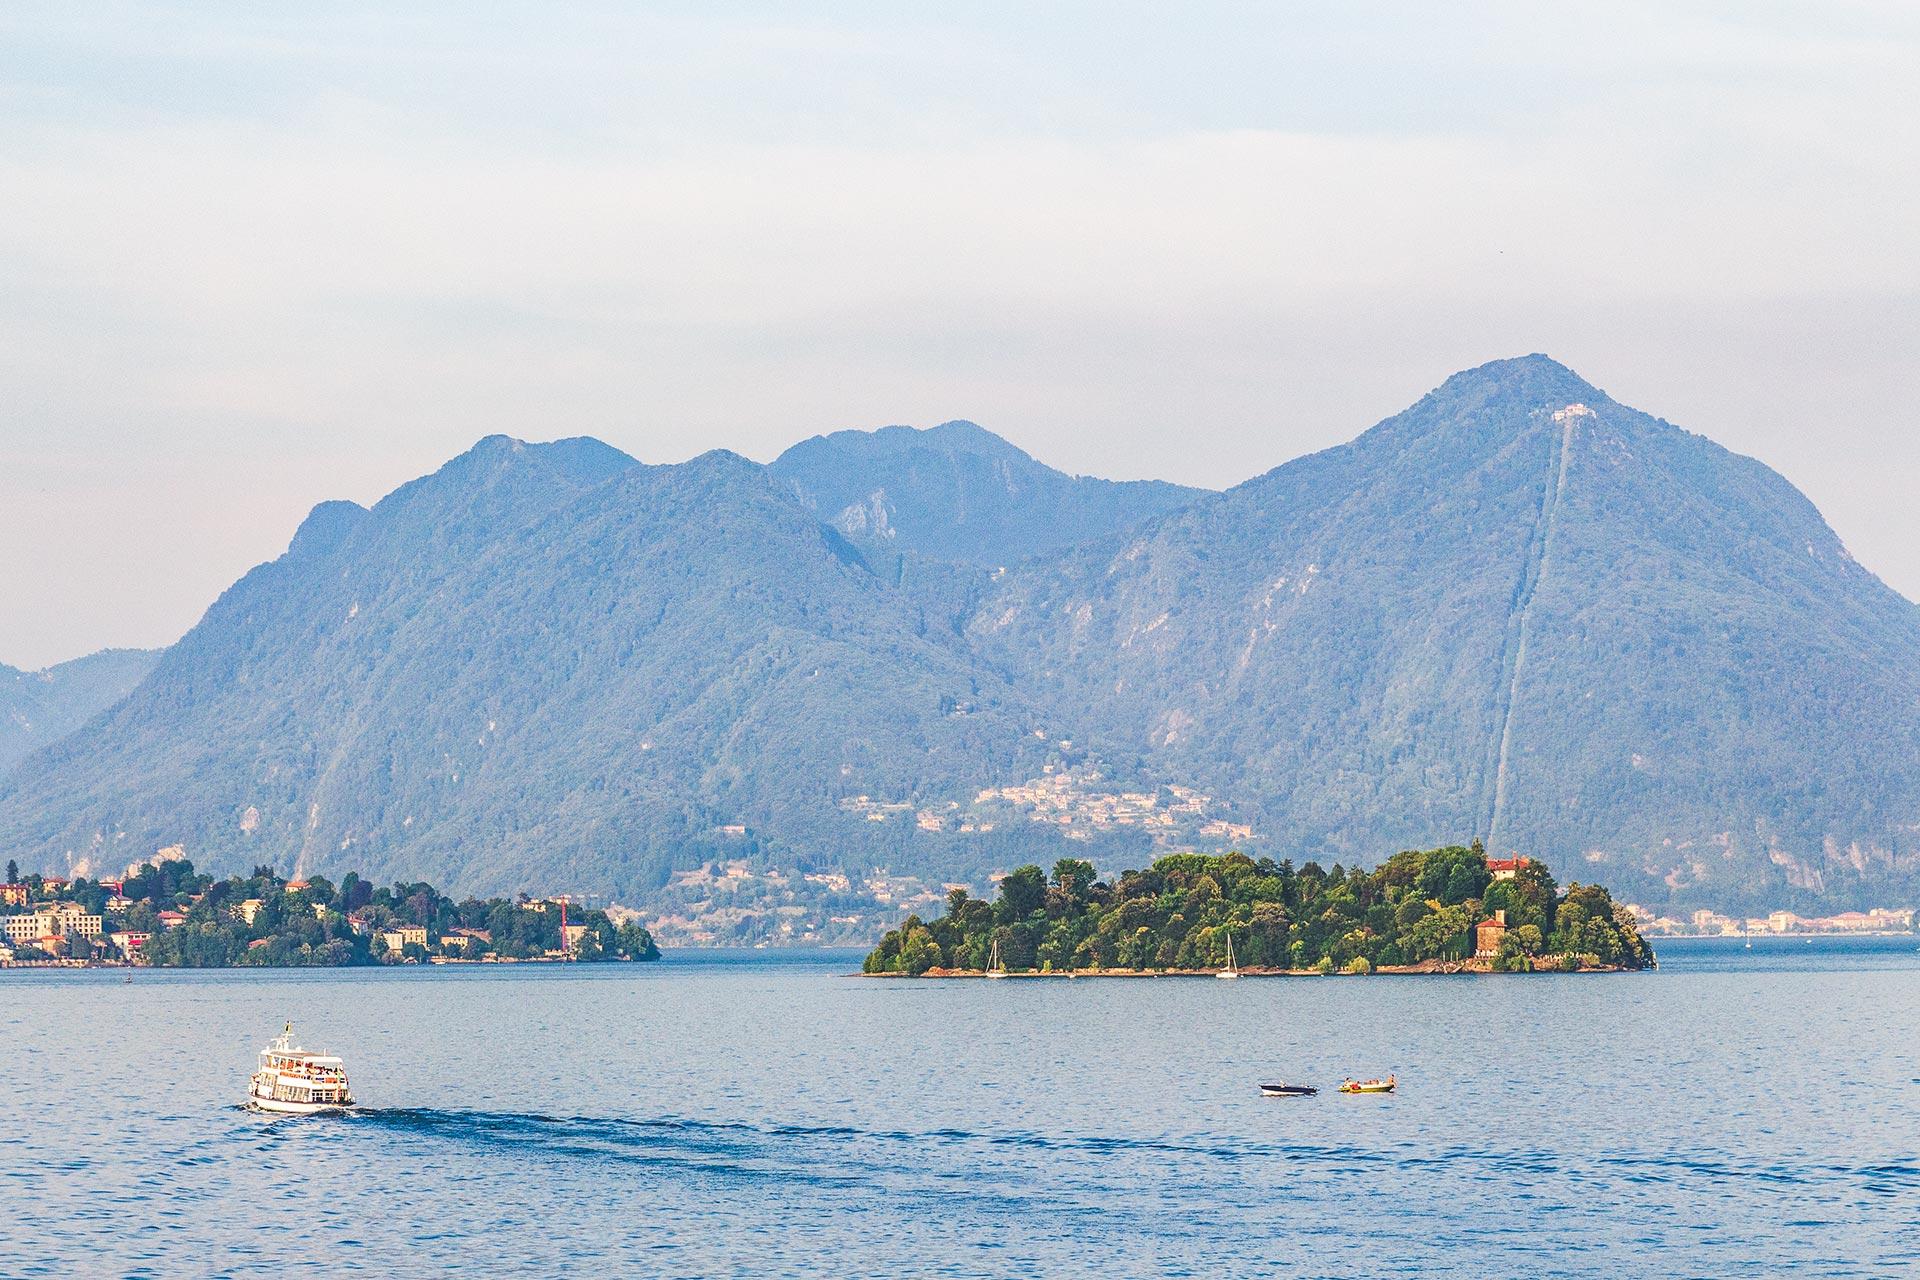 Mit dem Wassertaxi von Insel zu Insel über den borromäischen Golf im Lago Maggiore